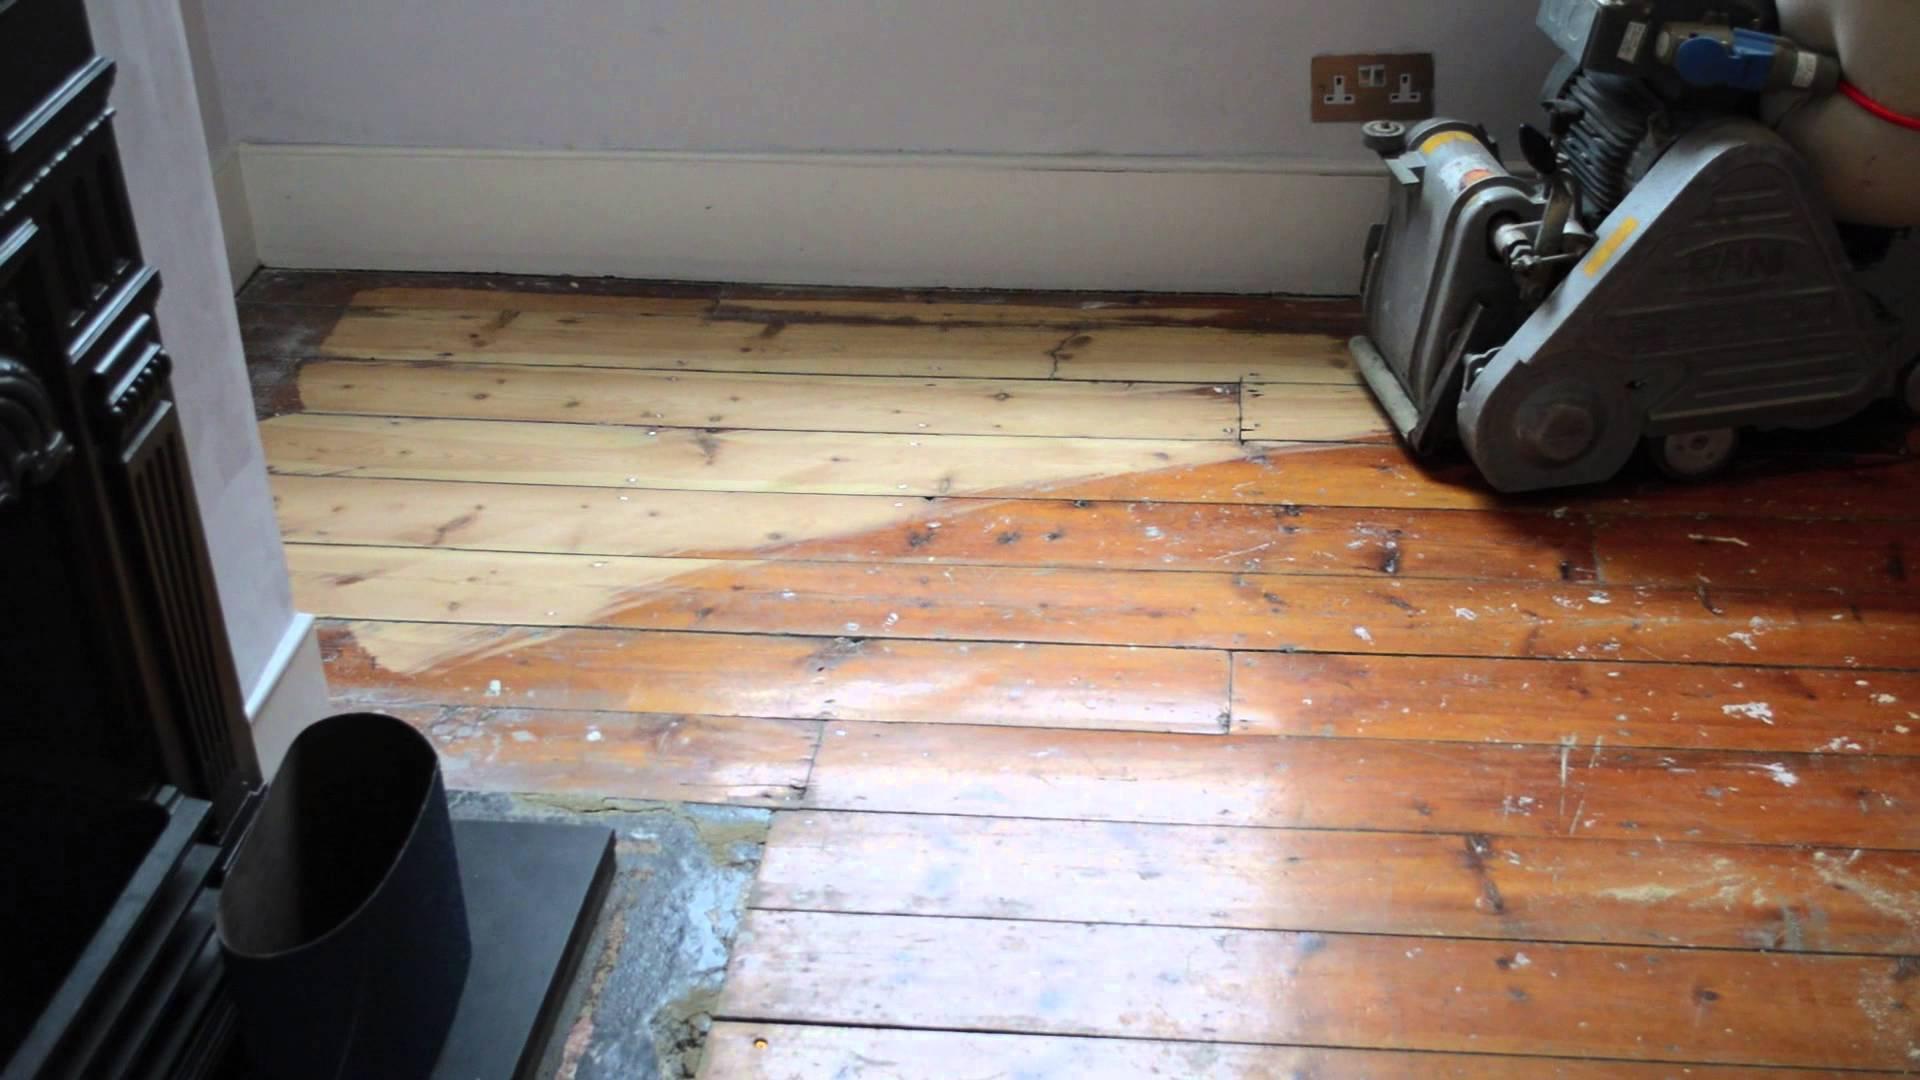 hardwood floor renovation of diy wood floor refinishing inspirational floor sanding with frank in diy wood floor refinishing inspirational floor sanding with frank belt sander 24 grit belt